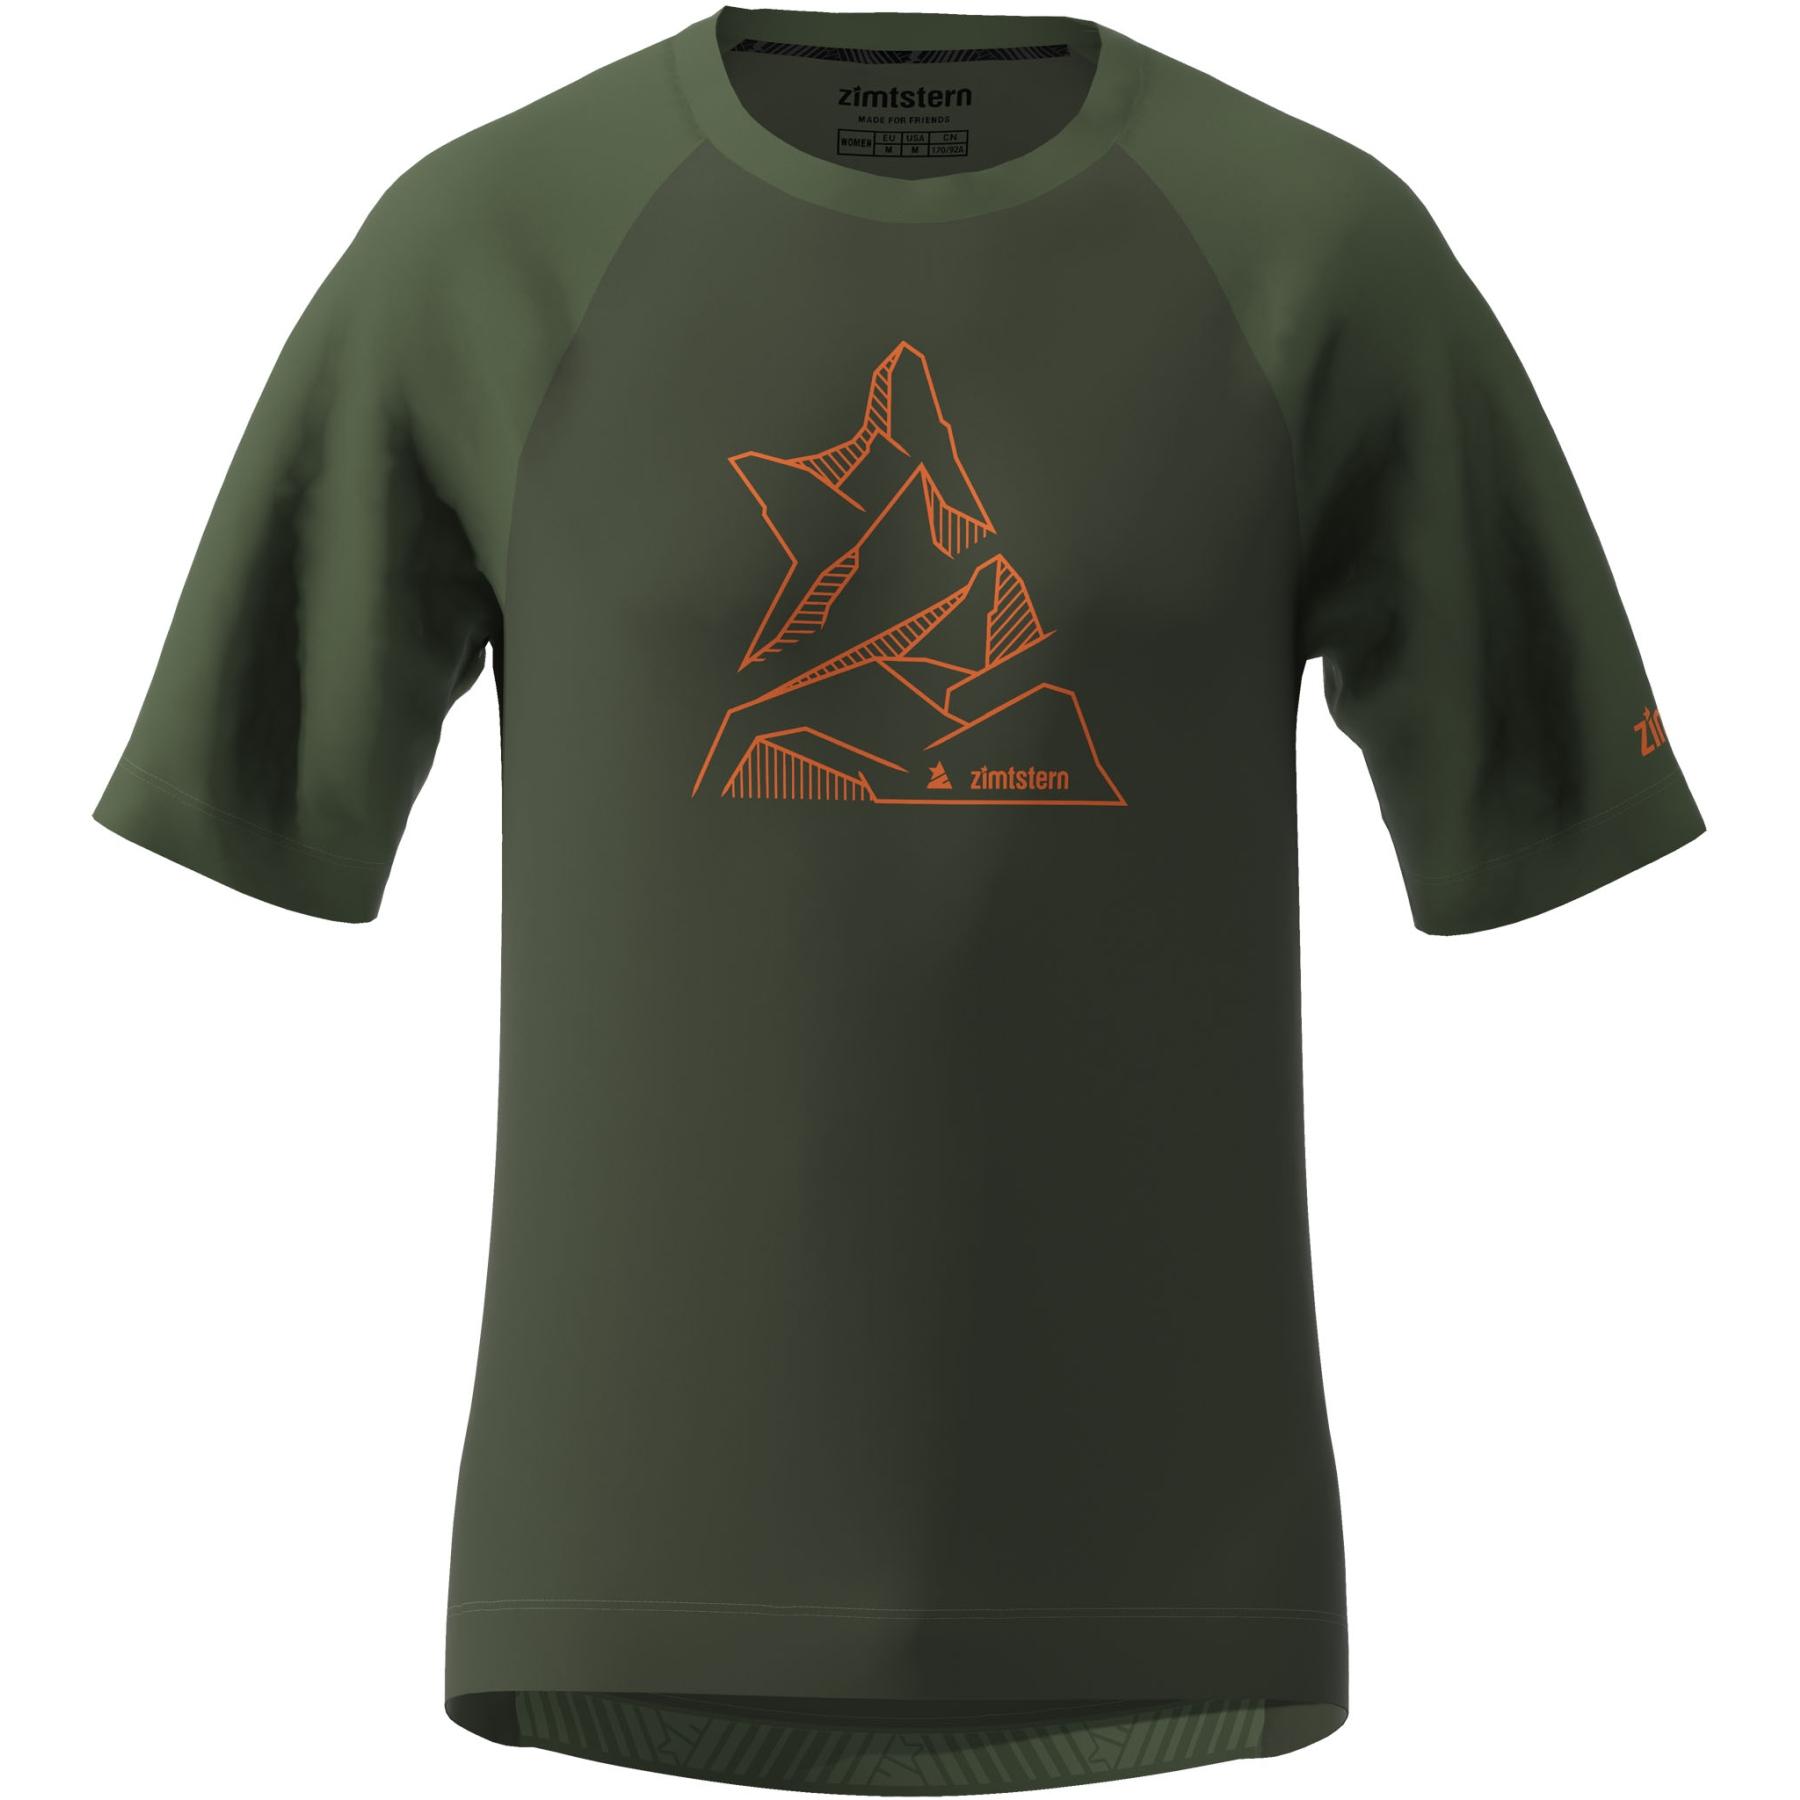 Zimtstern PureFlowz Kurzarm-Shirt - forest night/bronze green